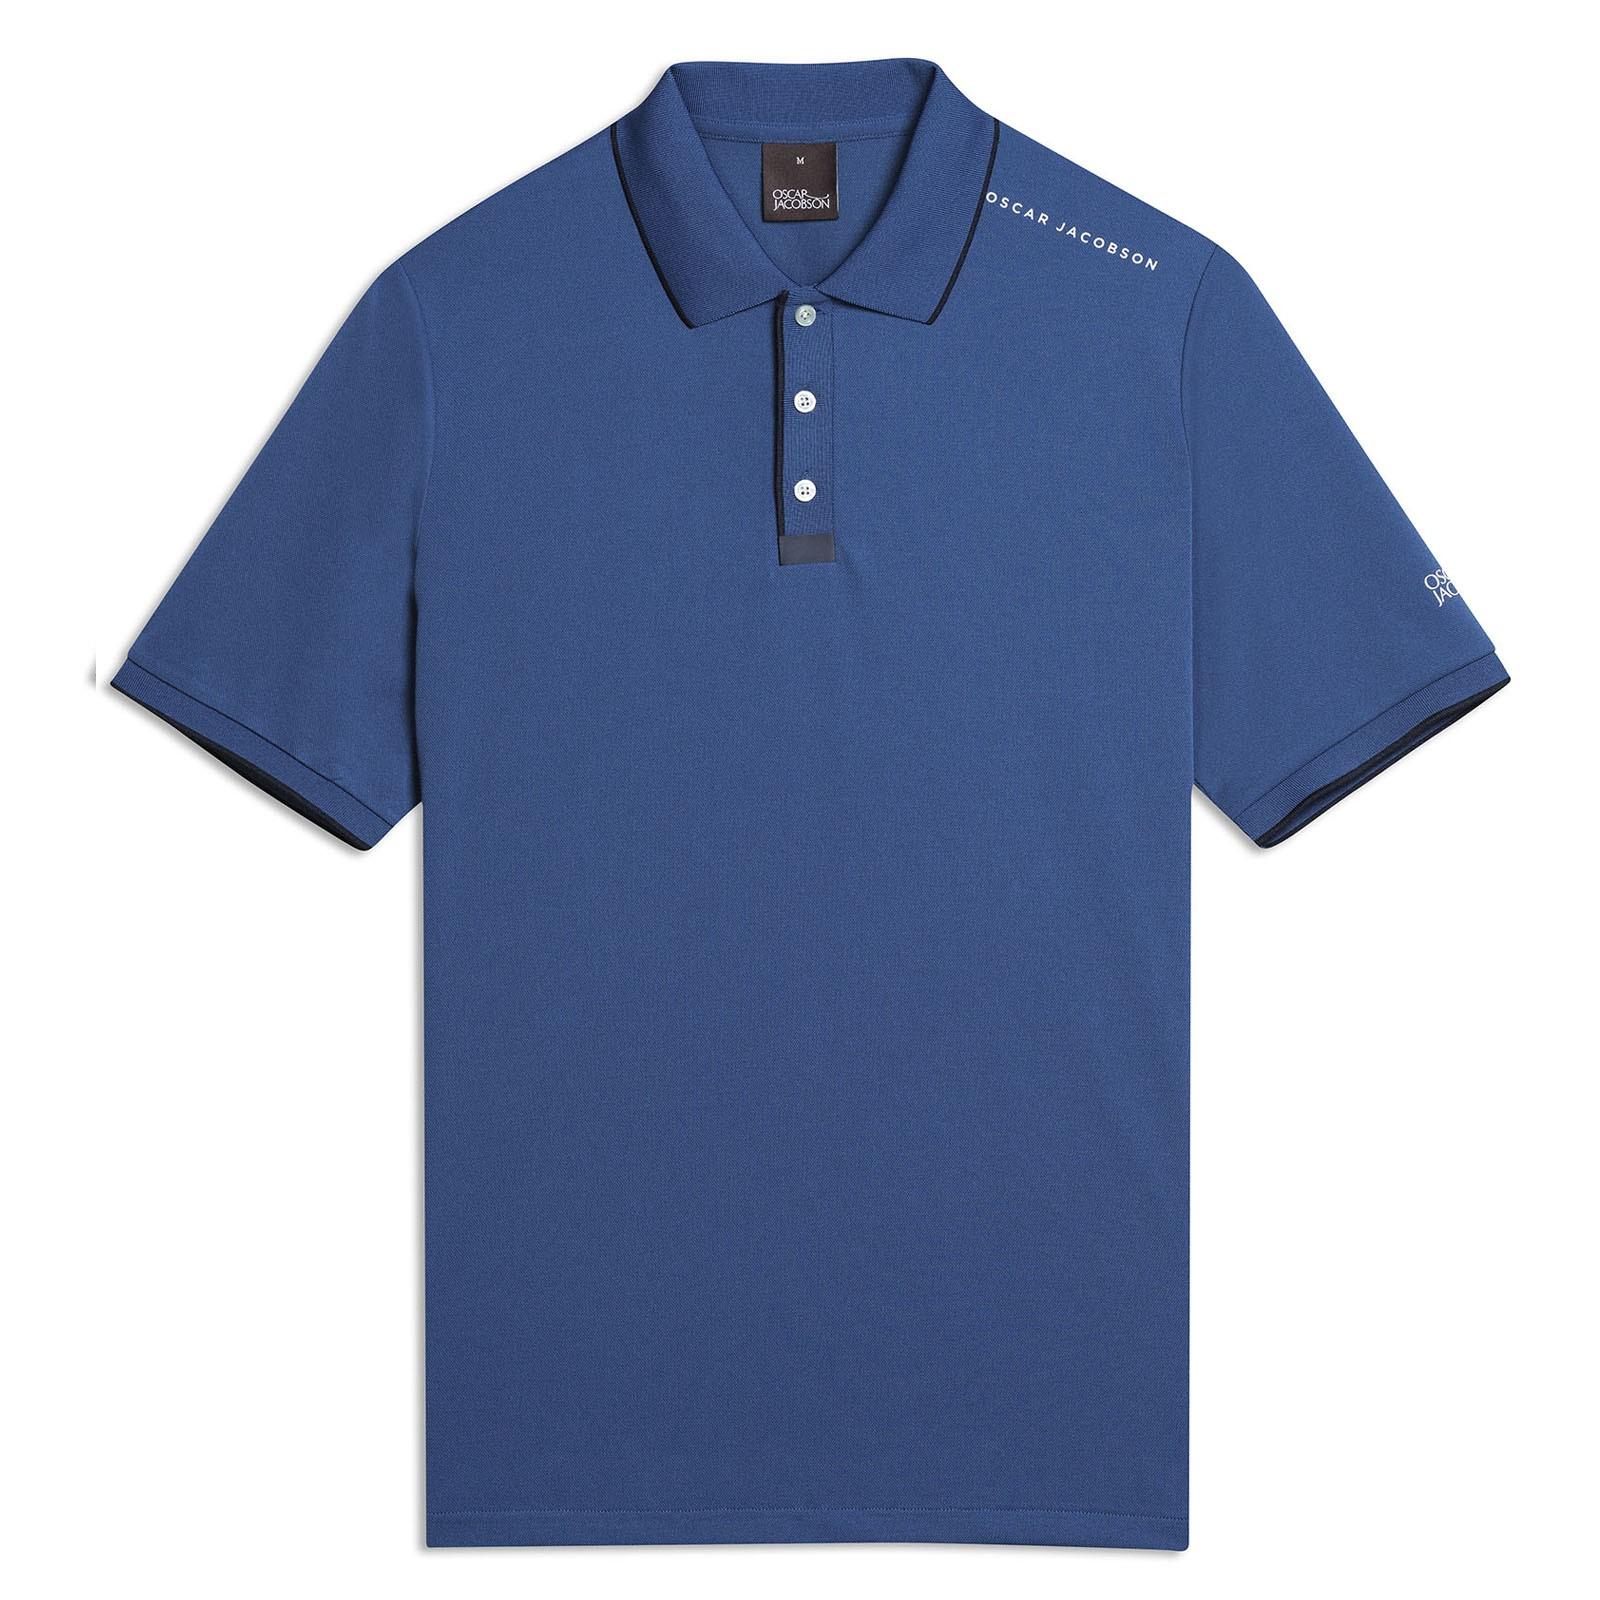 Oscar Jacobson Leonard Course Polo